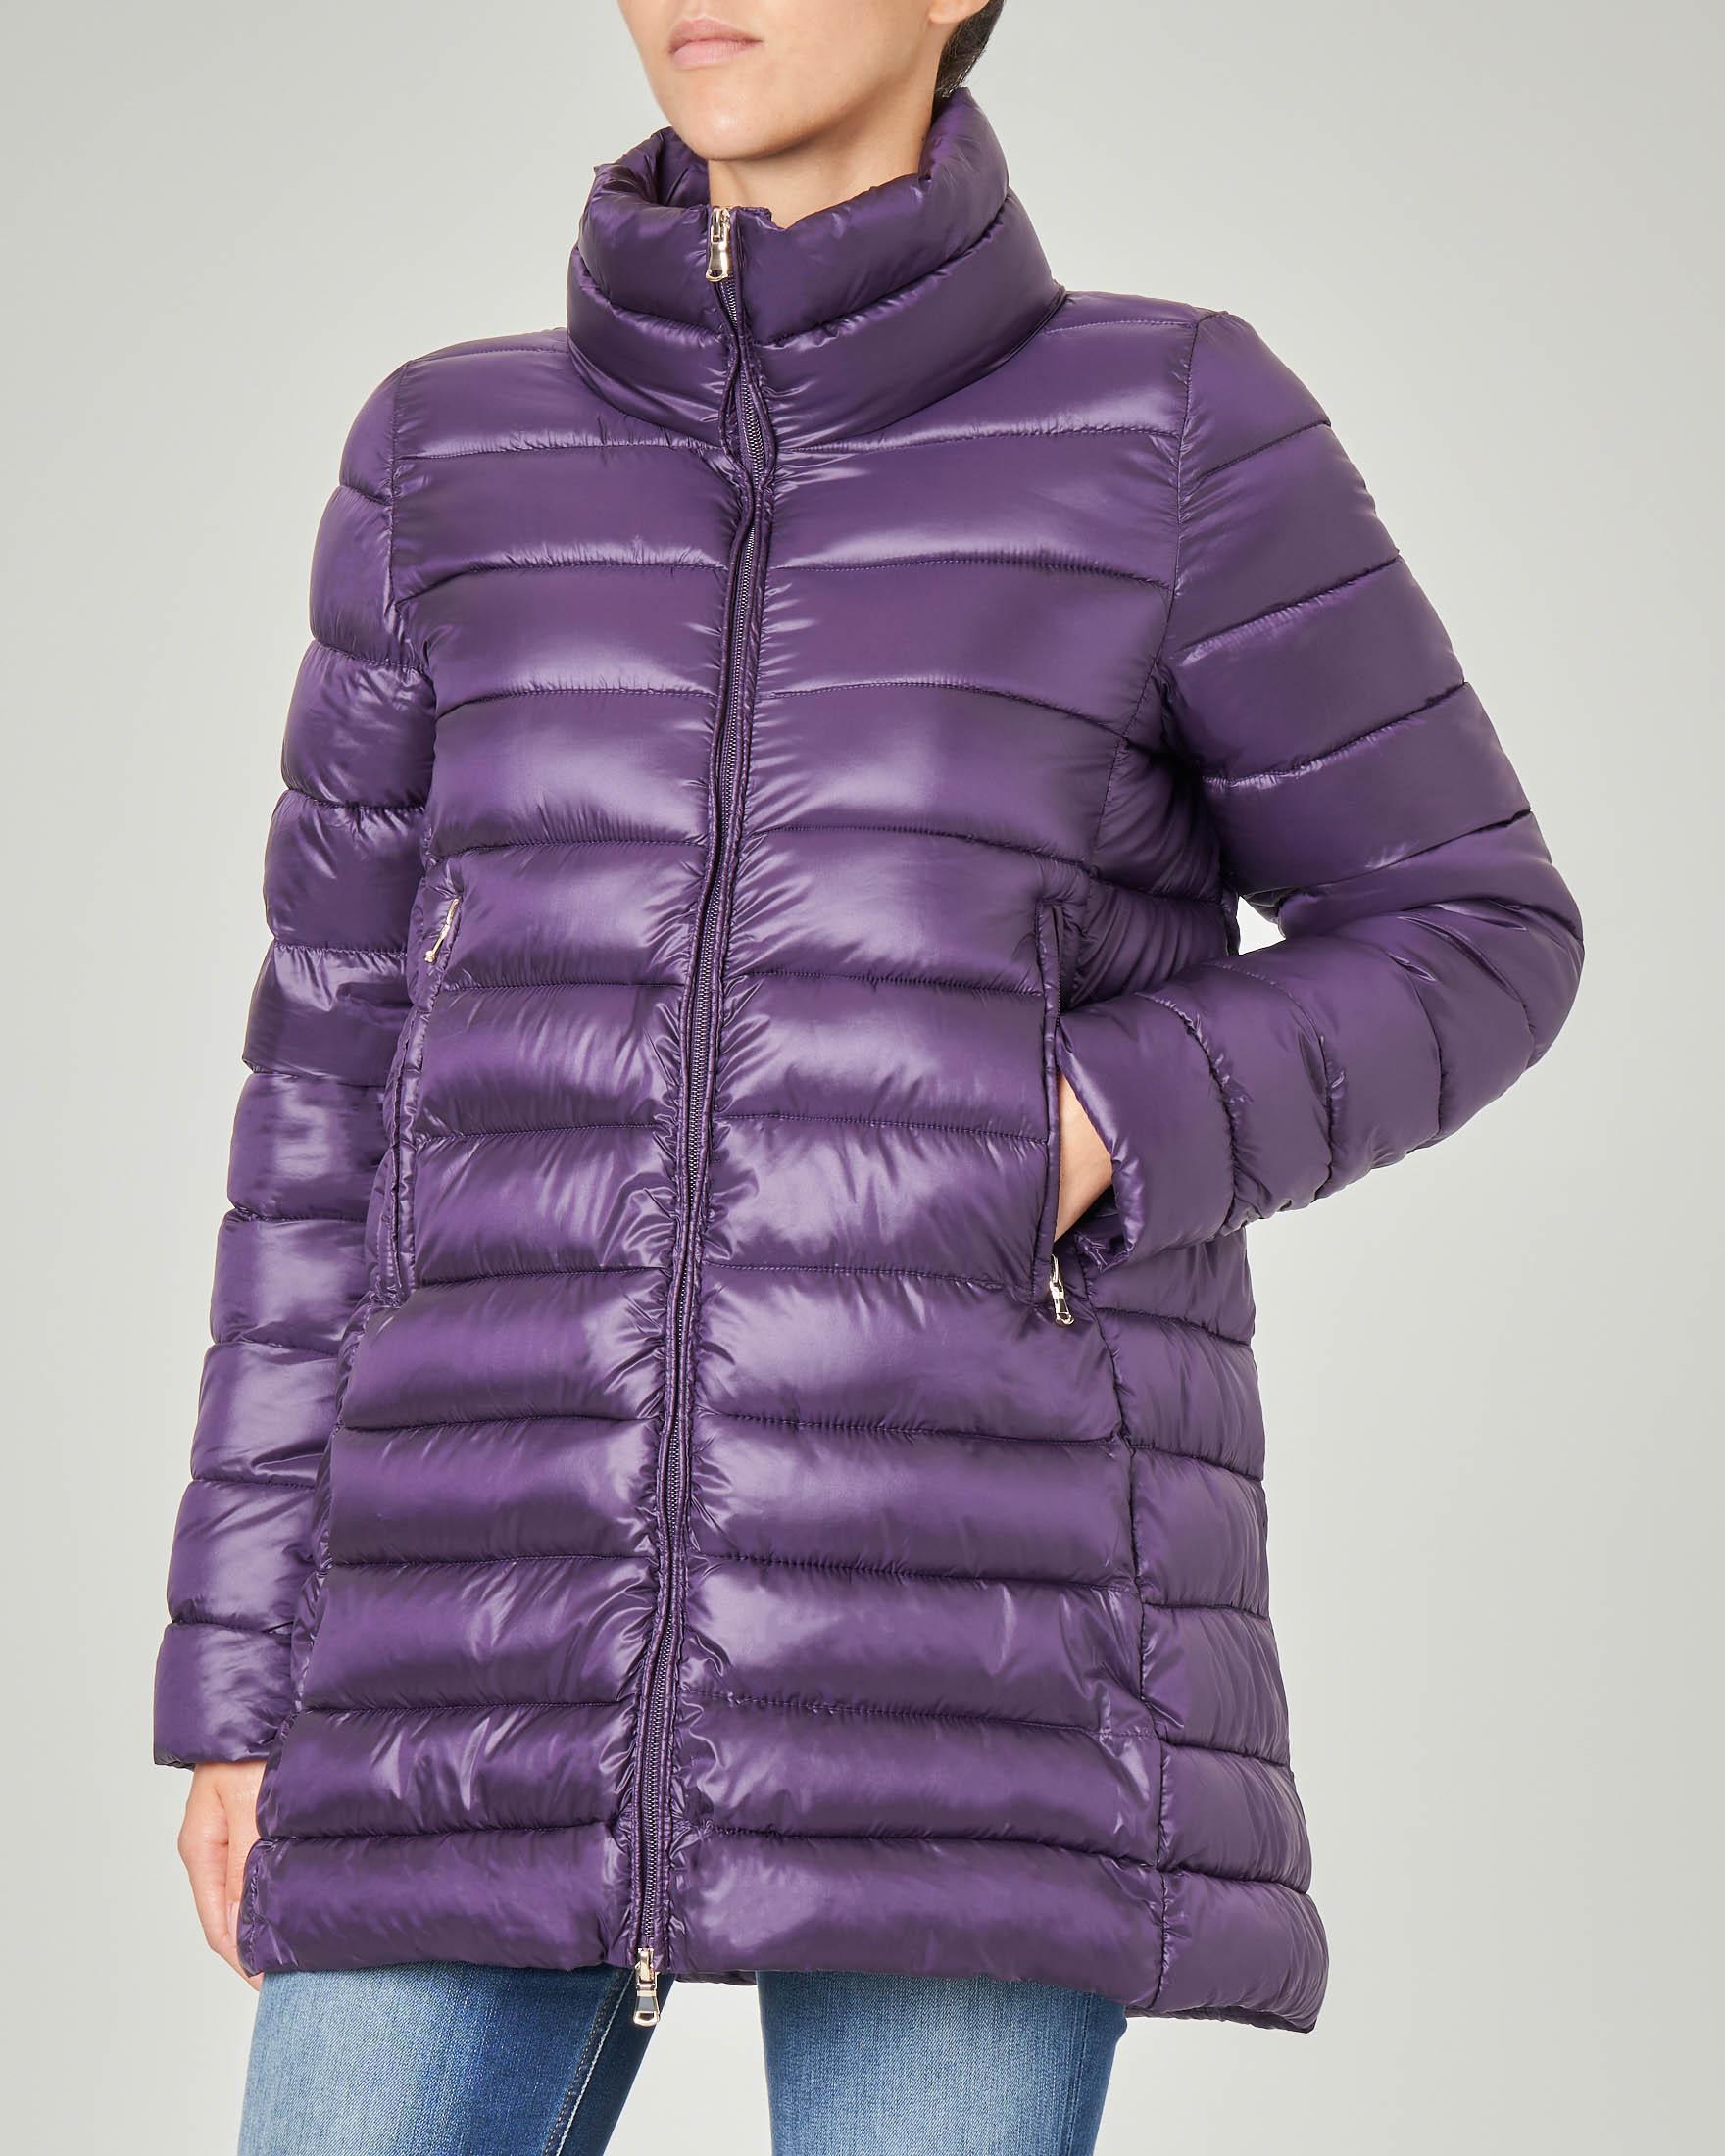 Piumino colore viola linea svasata e collo alto